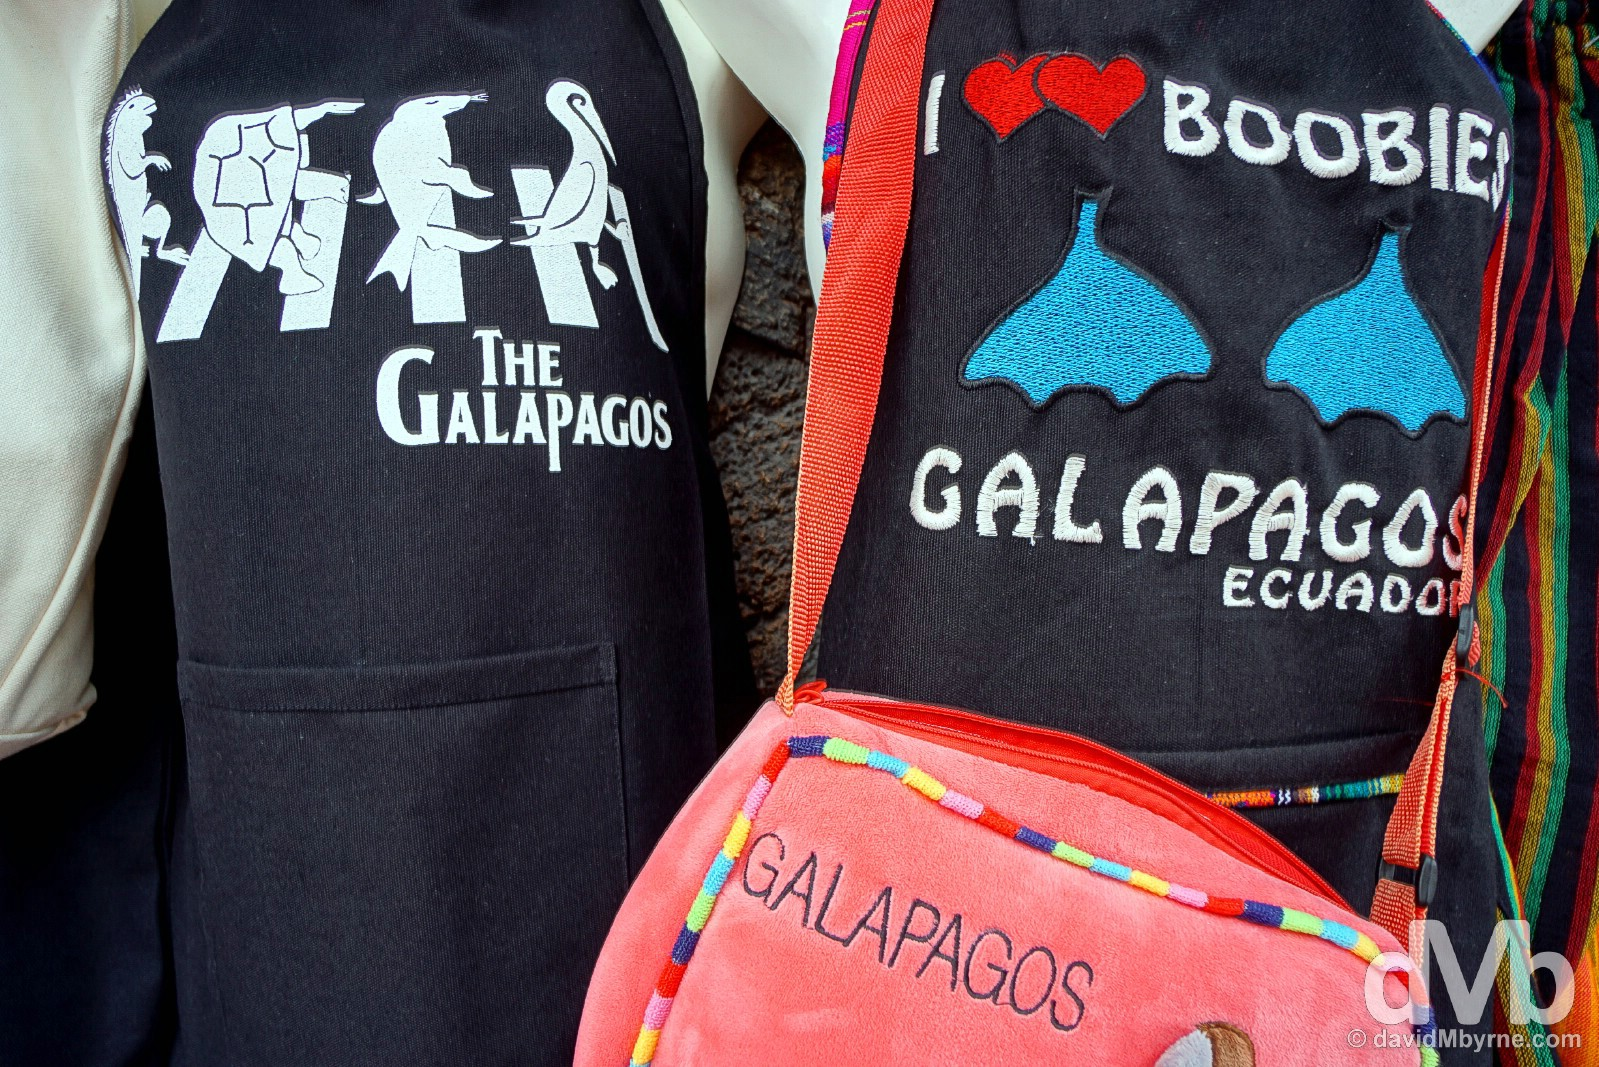 For sale in Puerto Ayora on Isla Santa Cruz, Galapagos, Ecuador. July 16, 2015.